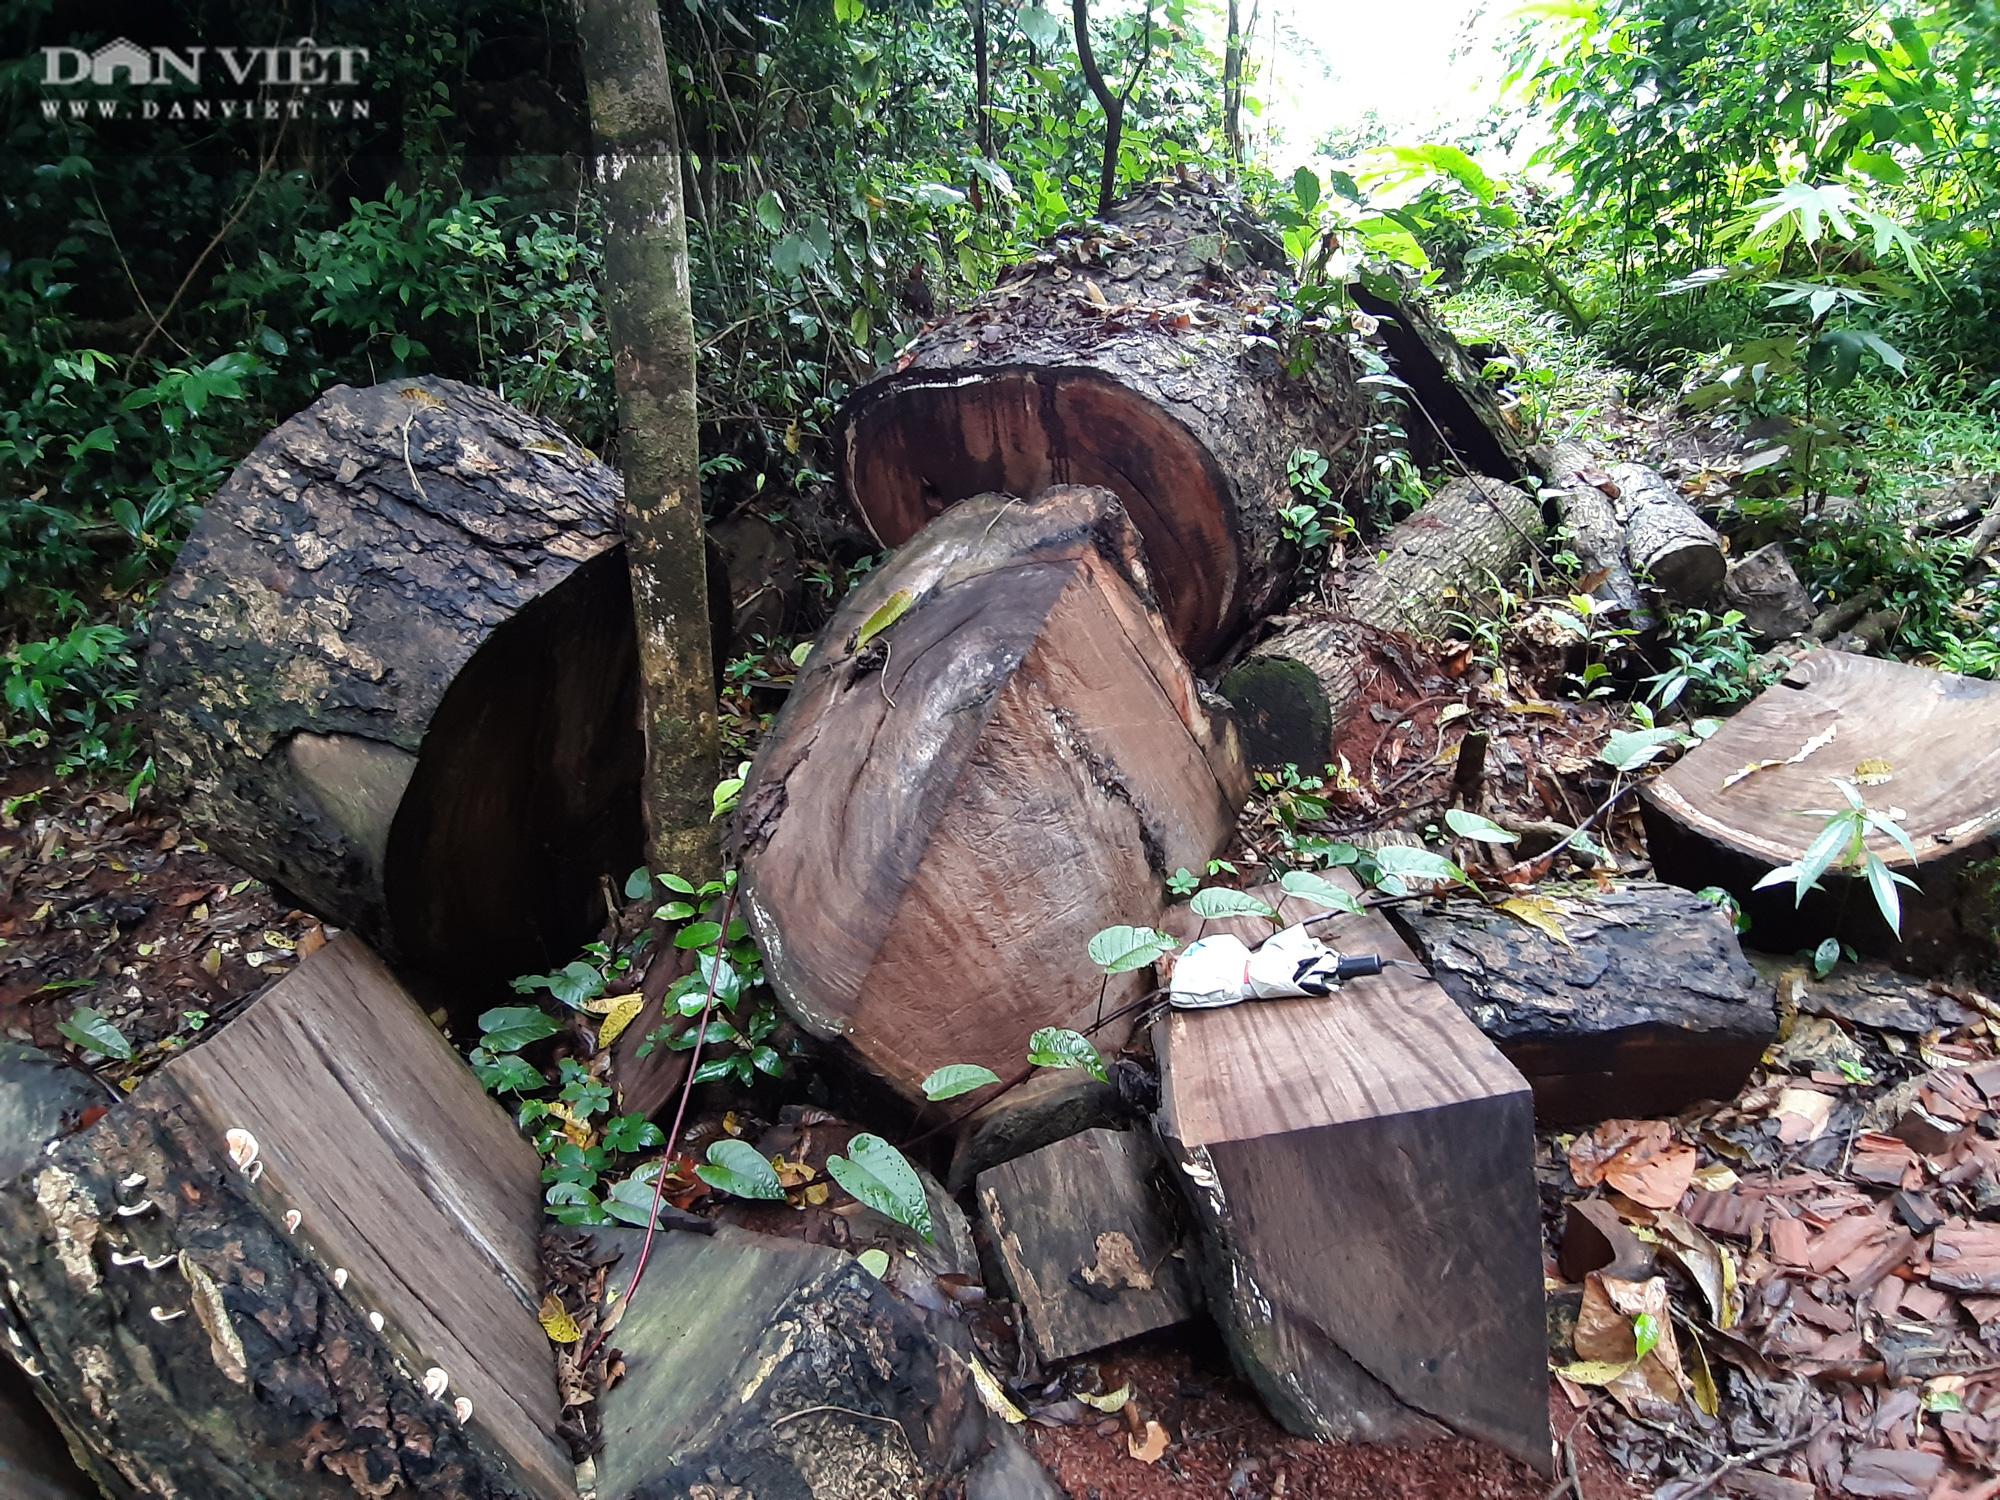 Lời man trá trong các rừng nghiến khổng lồ: Tận mục những cánh rừng tàn sát! - Ảnh 3.